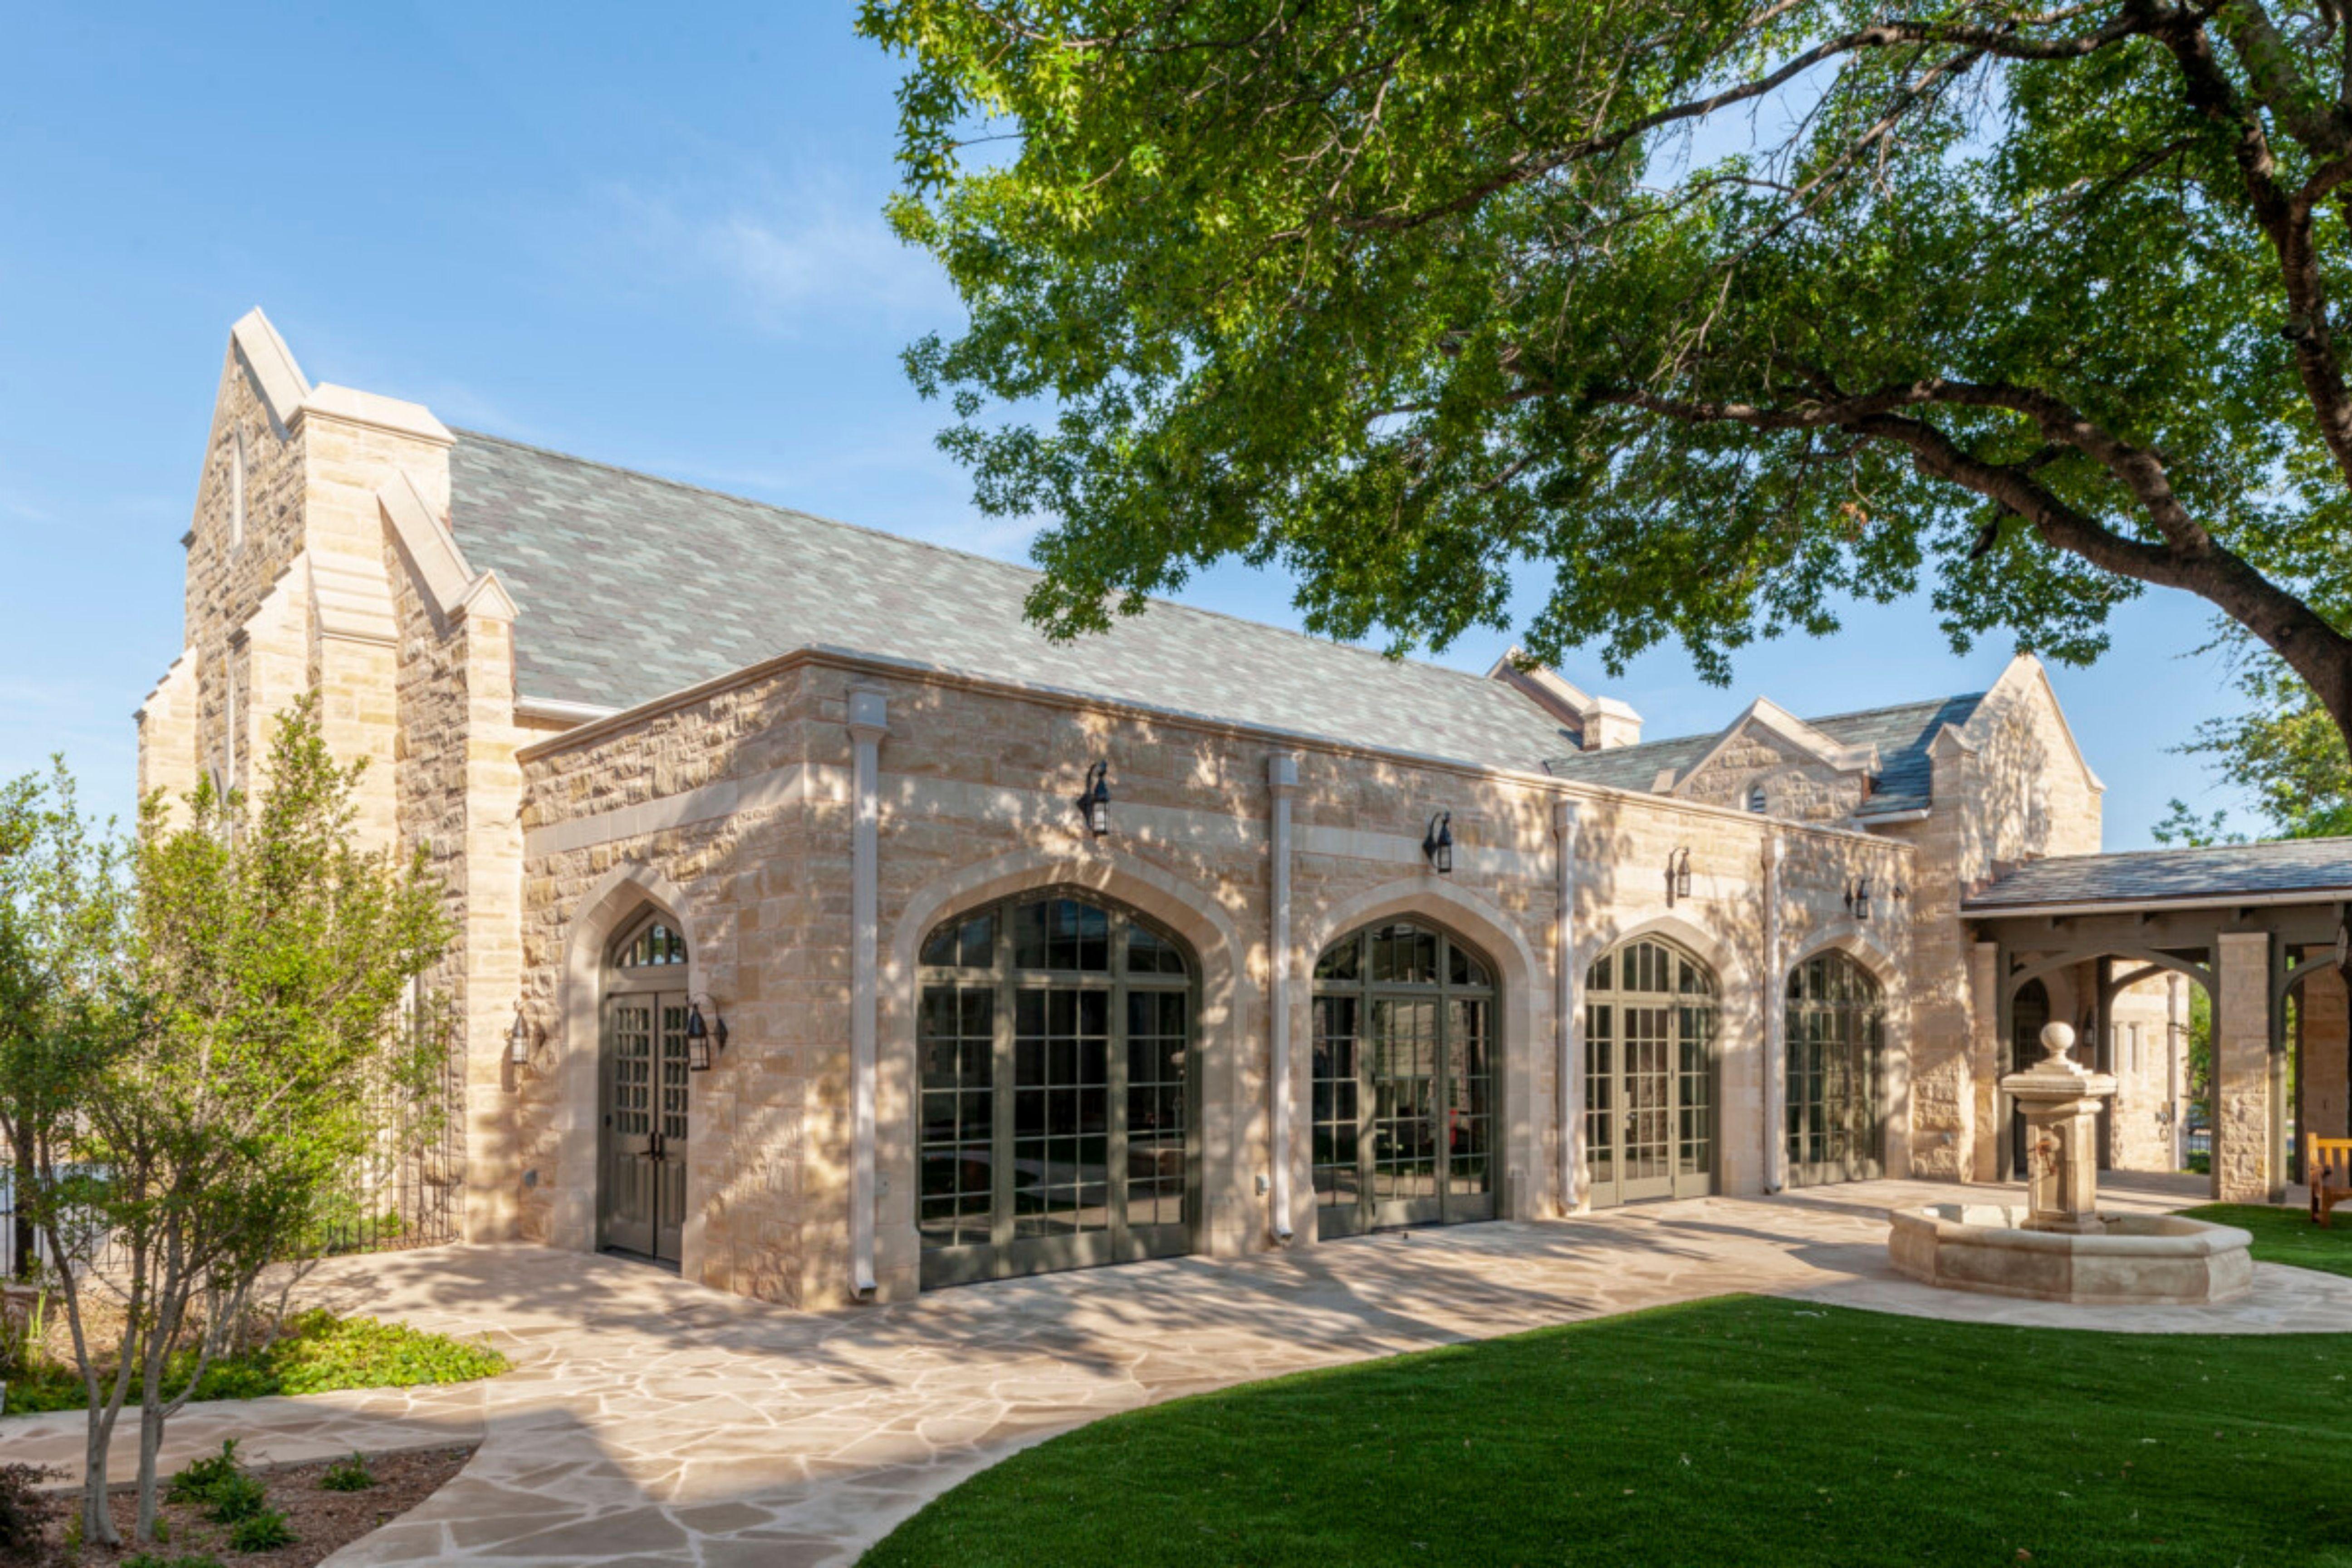 Recognition - Abilene Preservation League